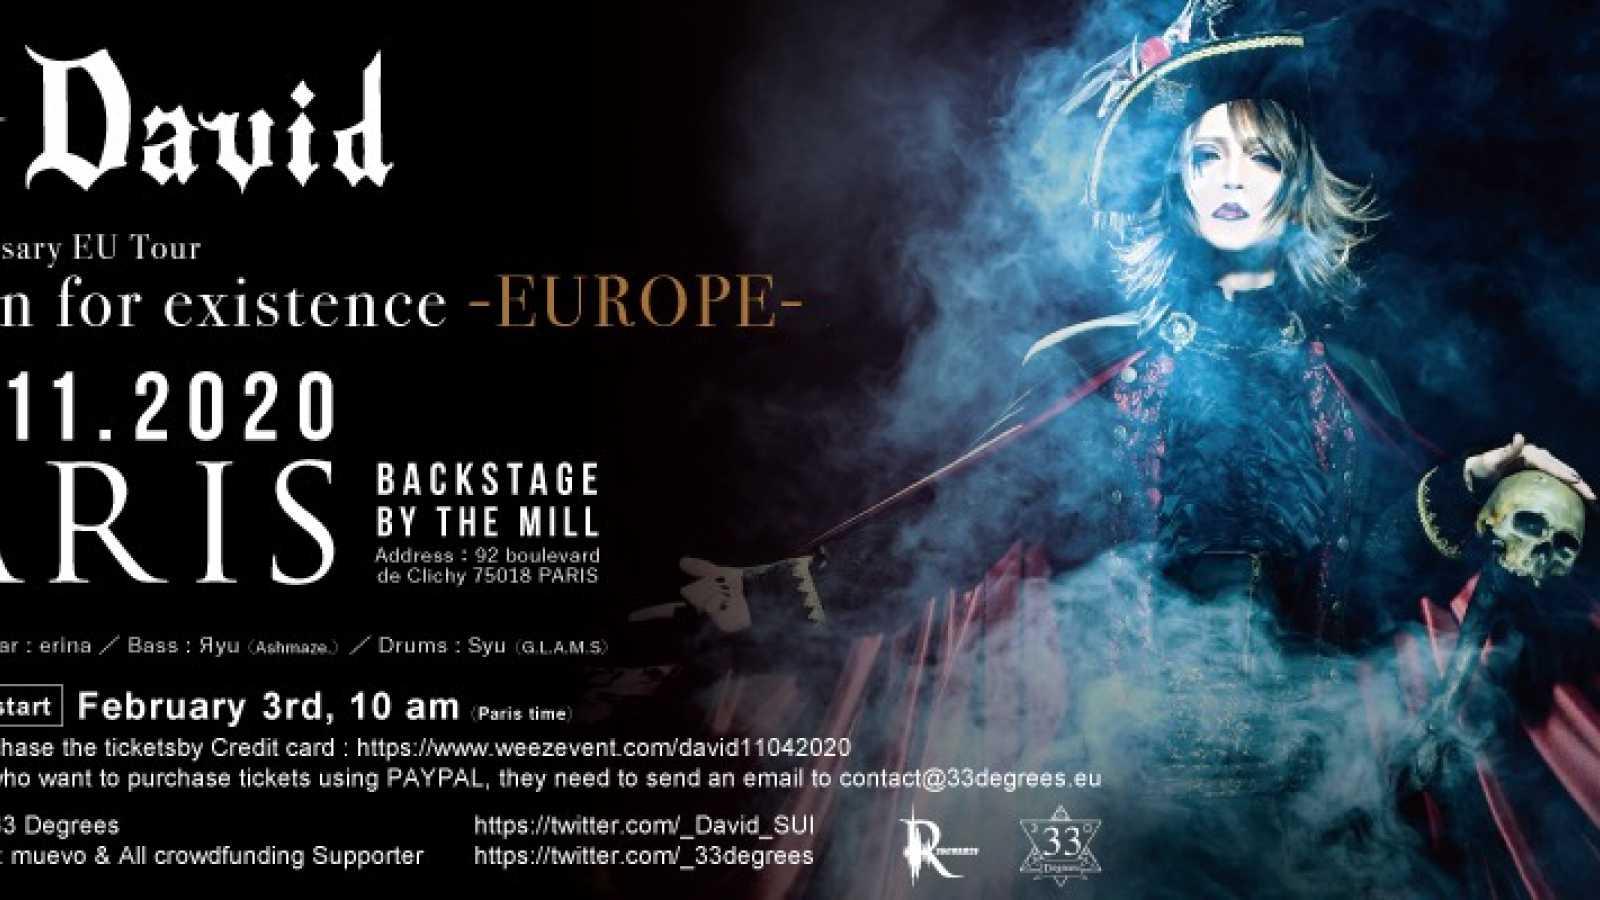 DAVID annonce un concert à Paris  © Resonance